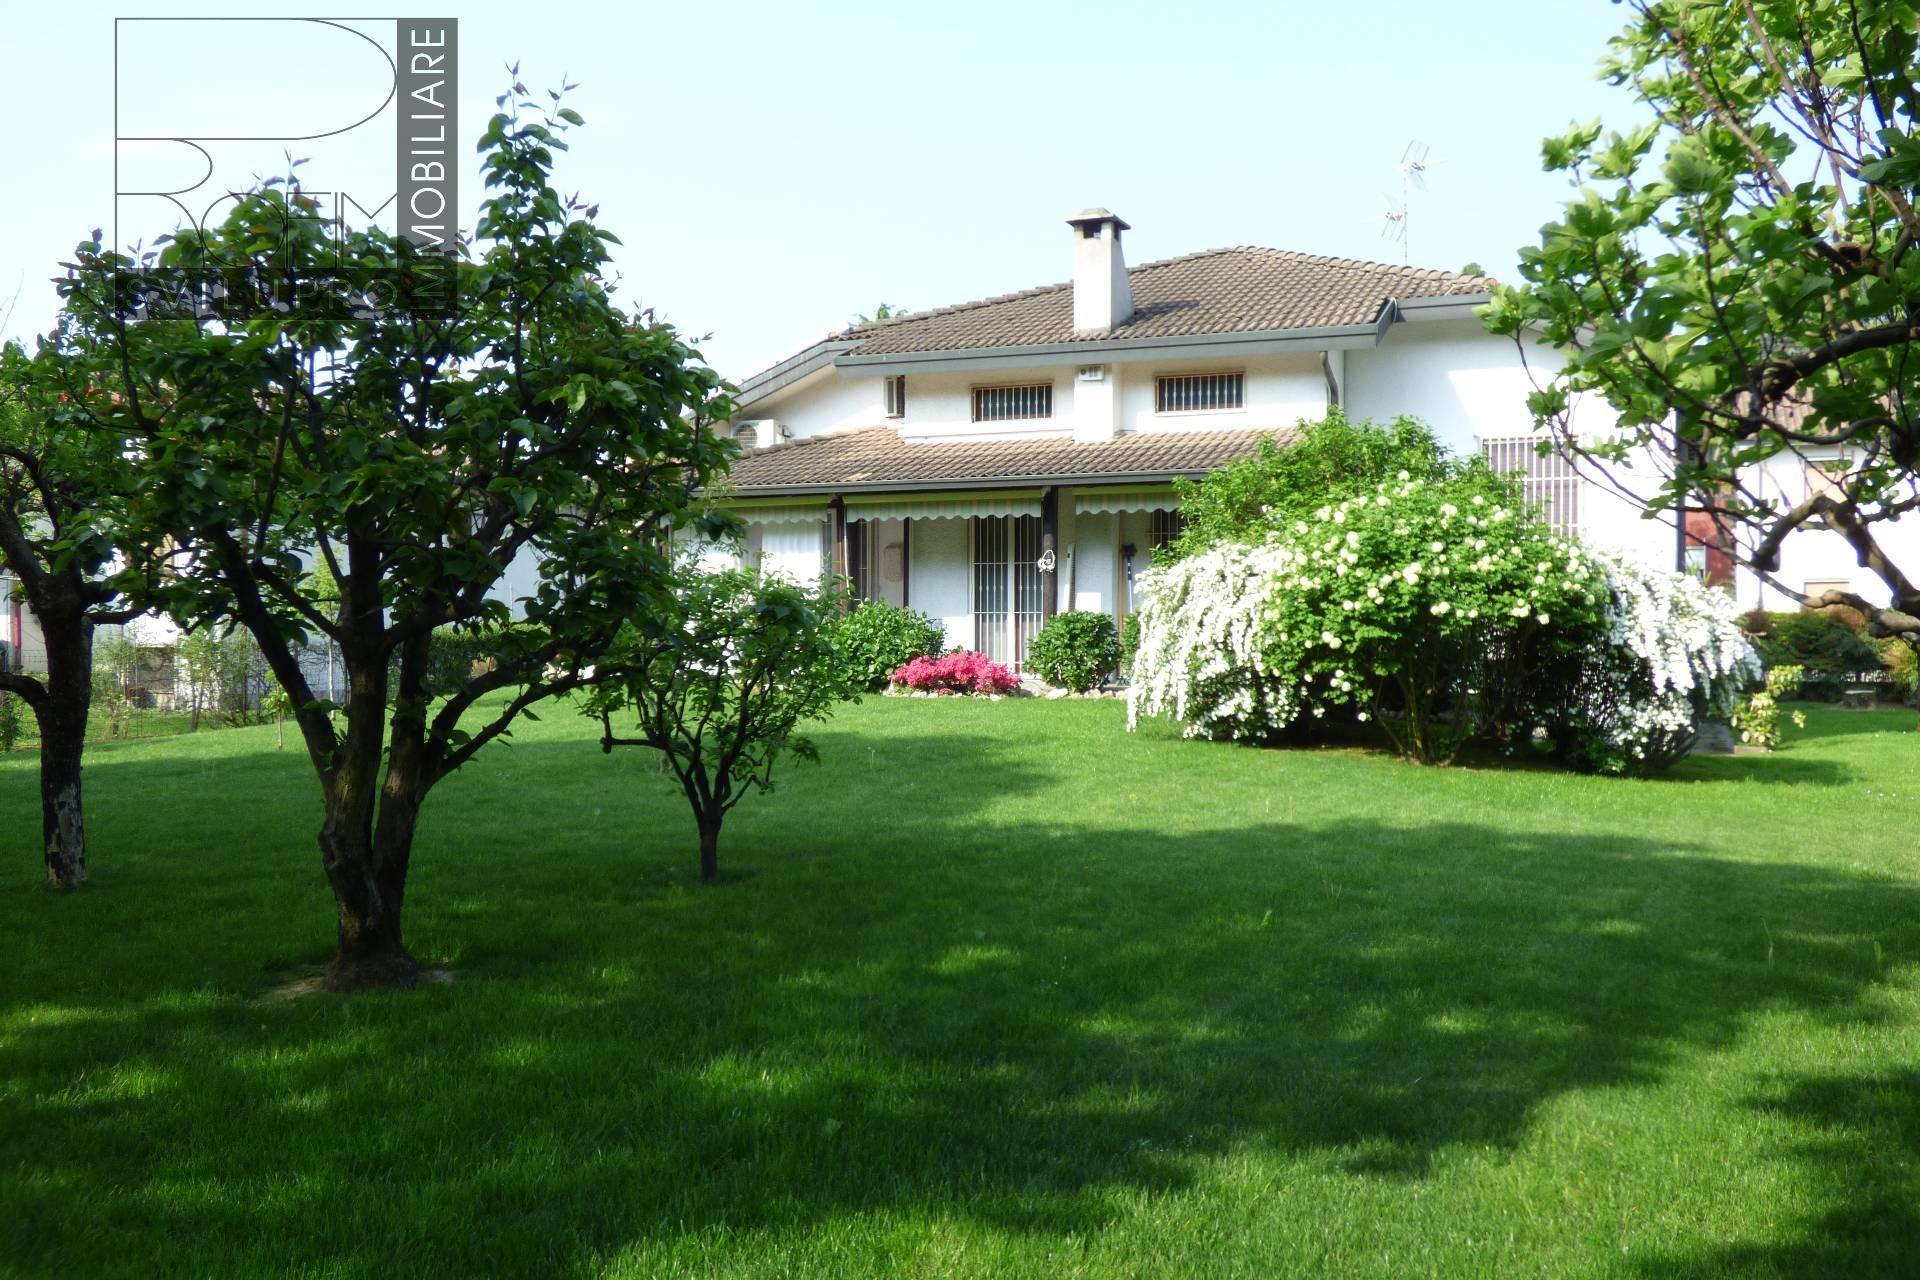 Villa in vendita a Paullo, 5 locali, Trattative riservate | CambioCasa.it